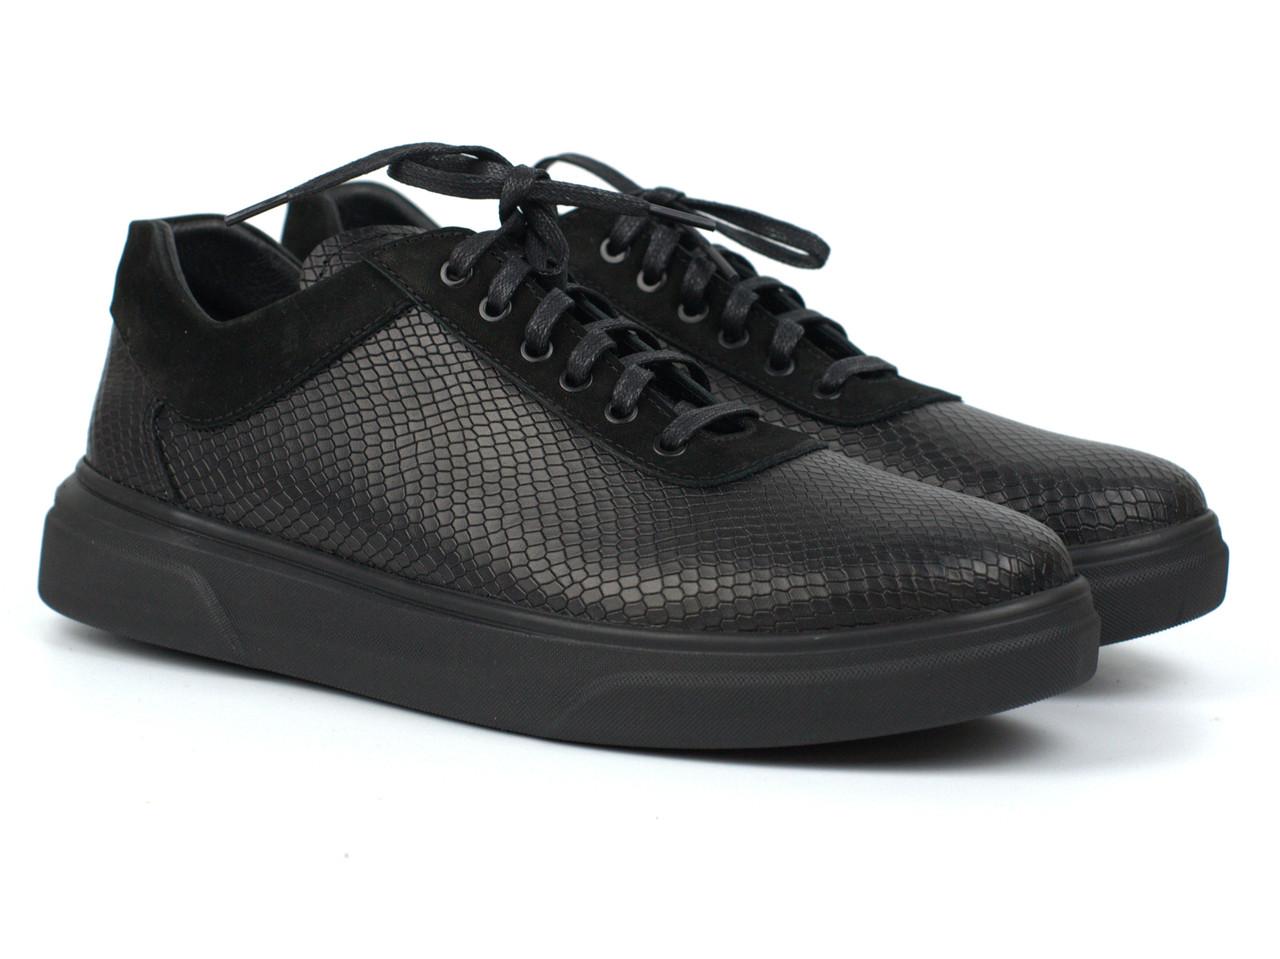 Кроссовки кеды черные кожаные рептилия женская обувь больших размеров Rosso Avangard Mozza Riptile Leather BS